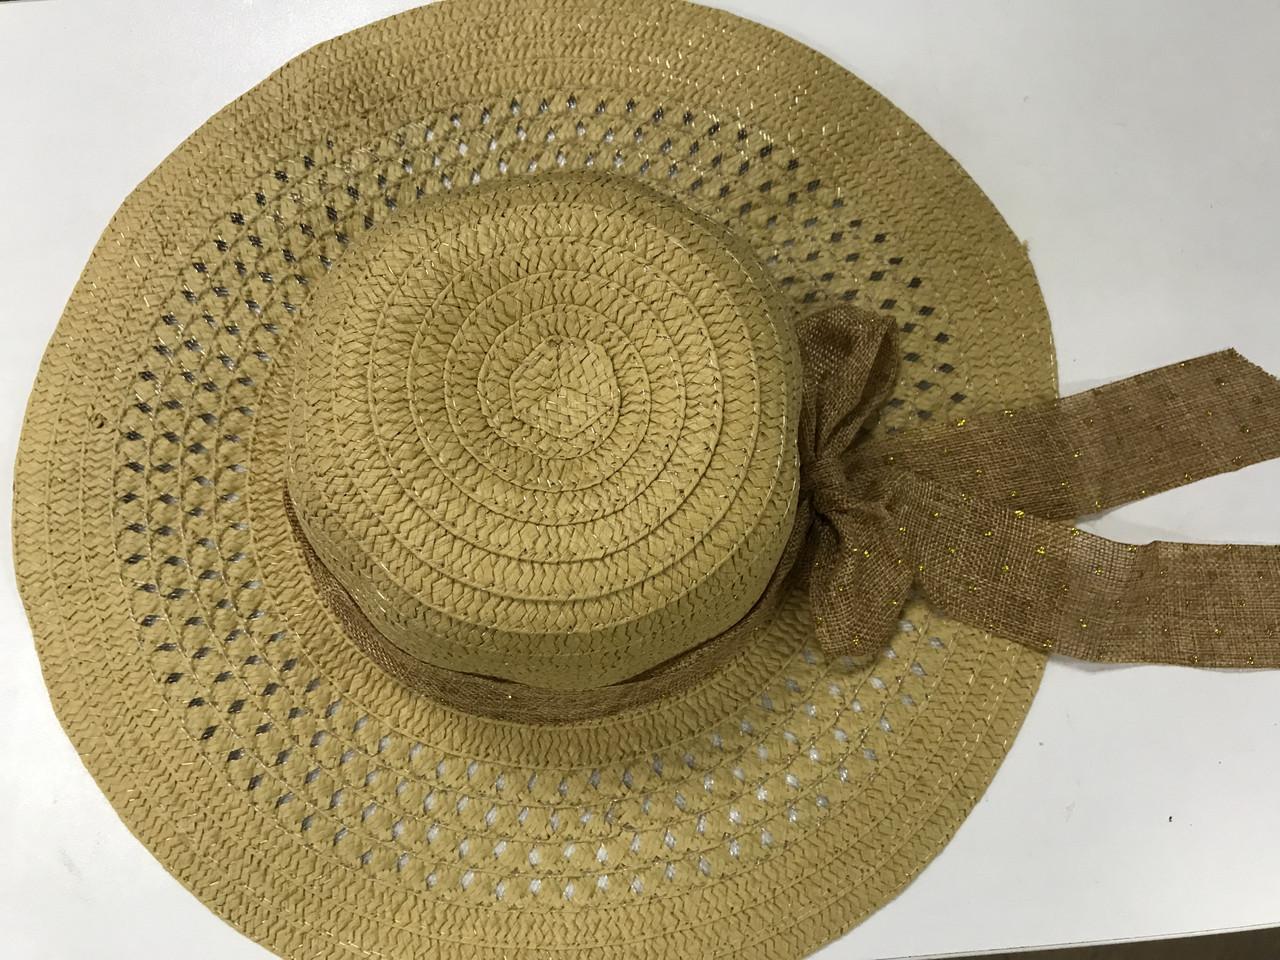 Річна коричневий капелюшок з соломки прикрашена стрічкою з бантом